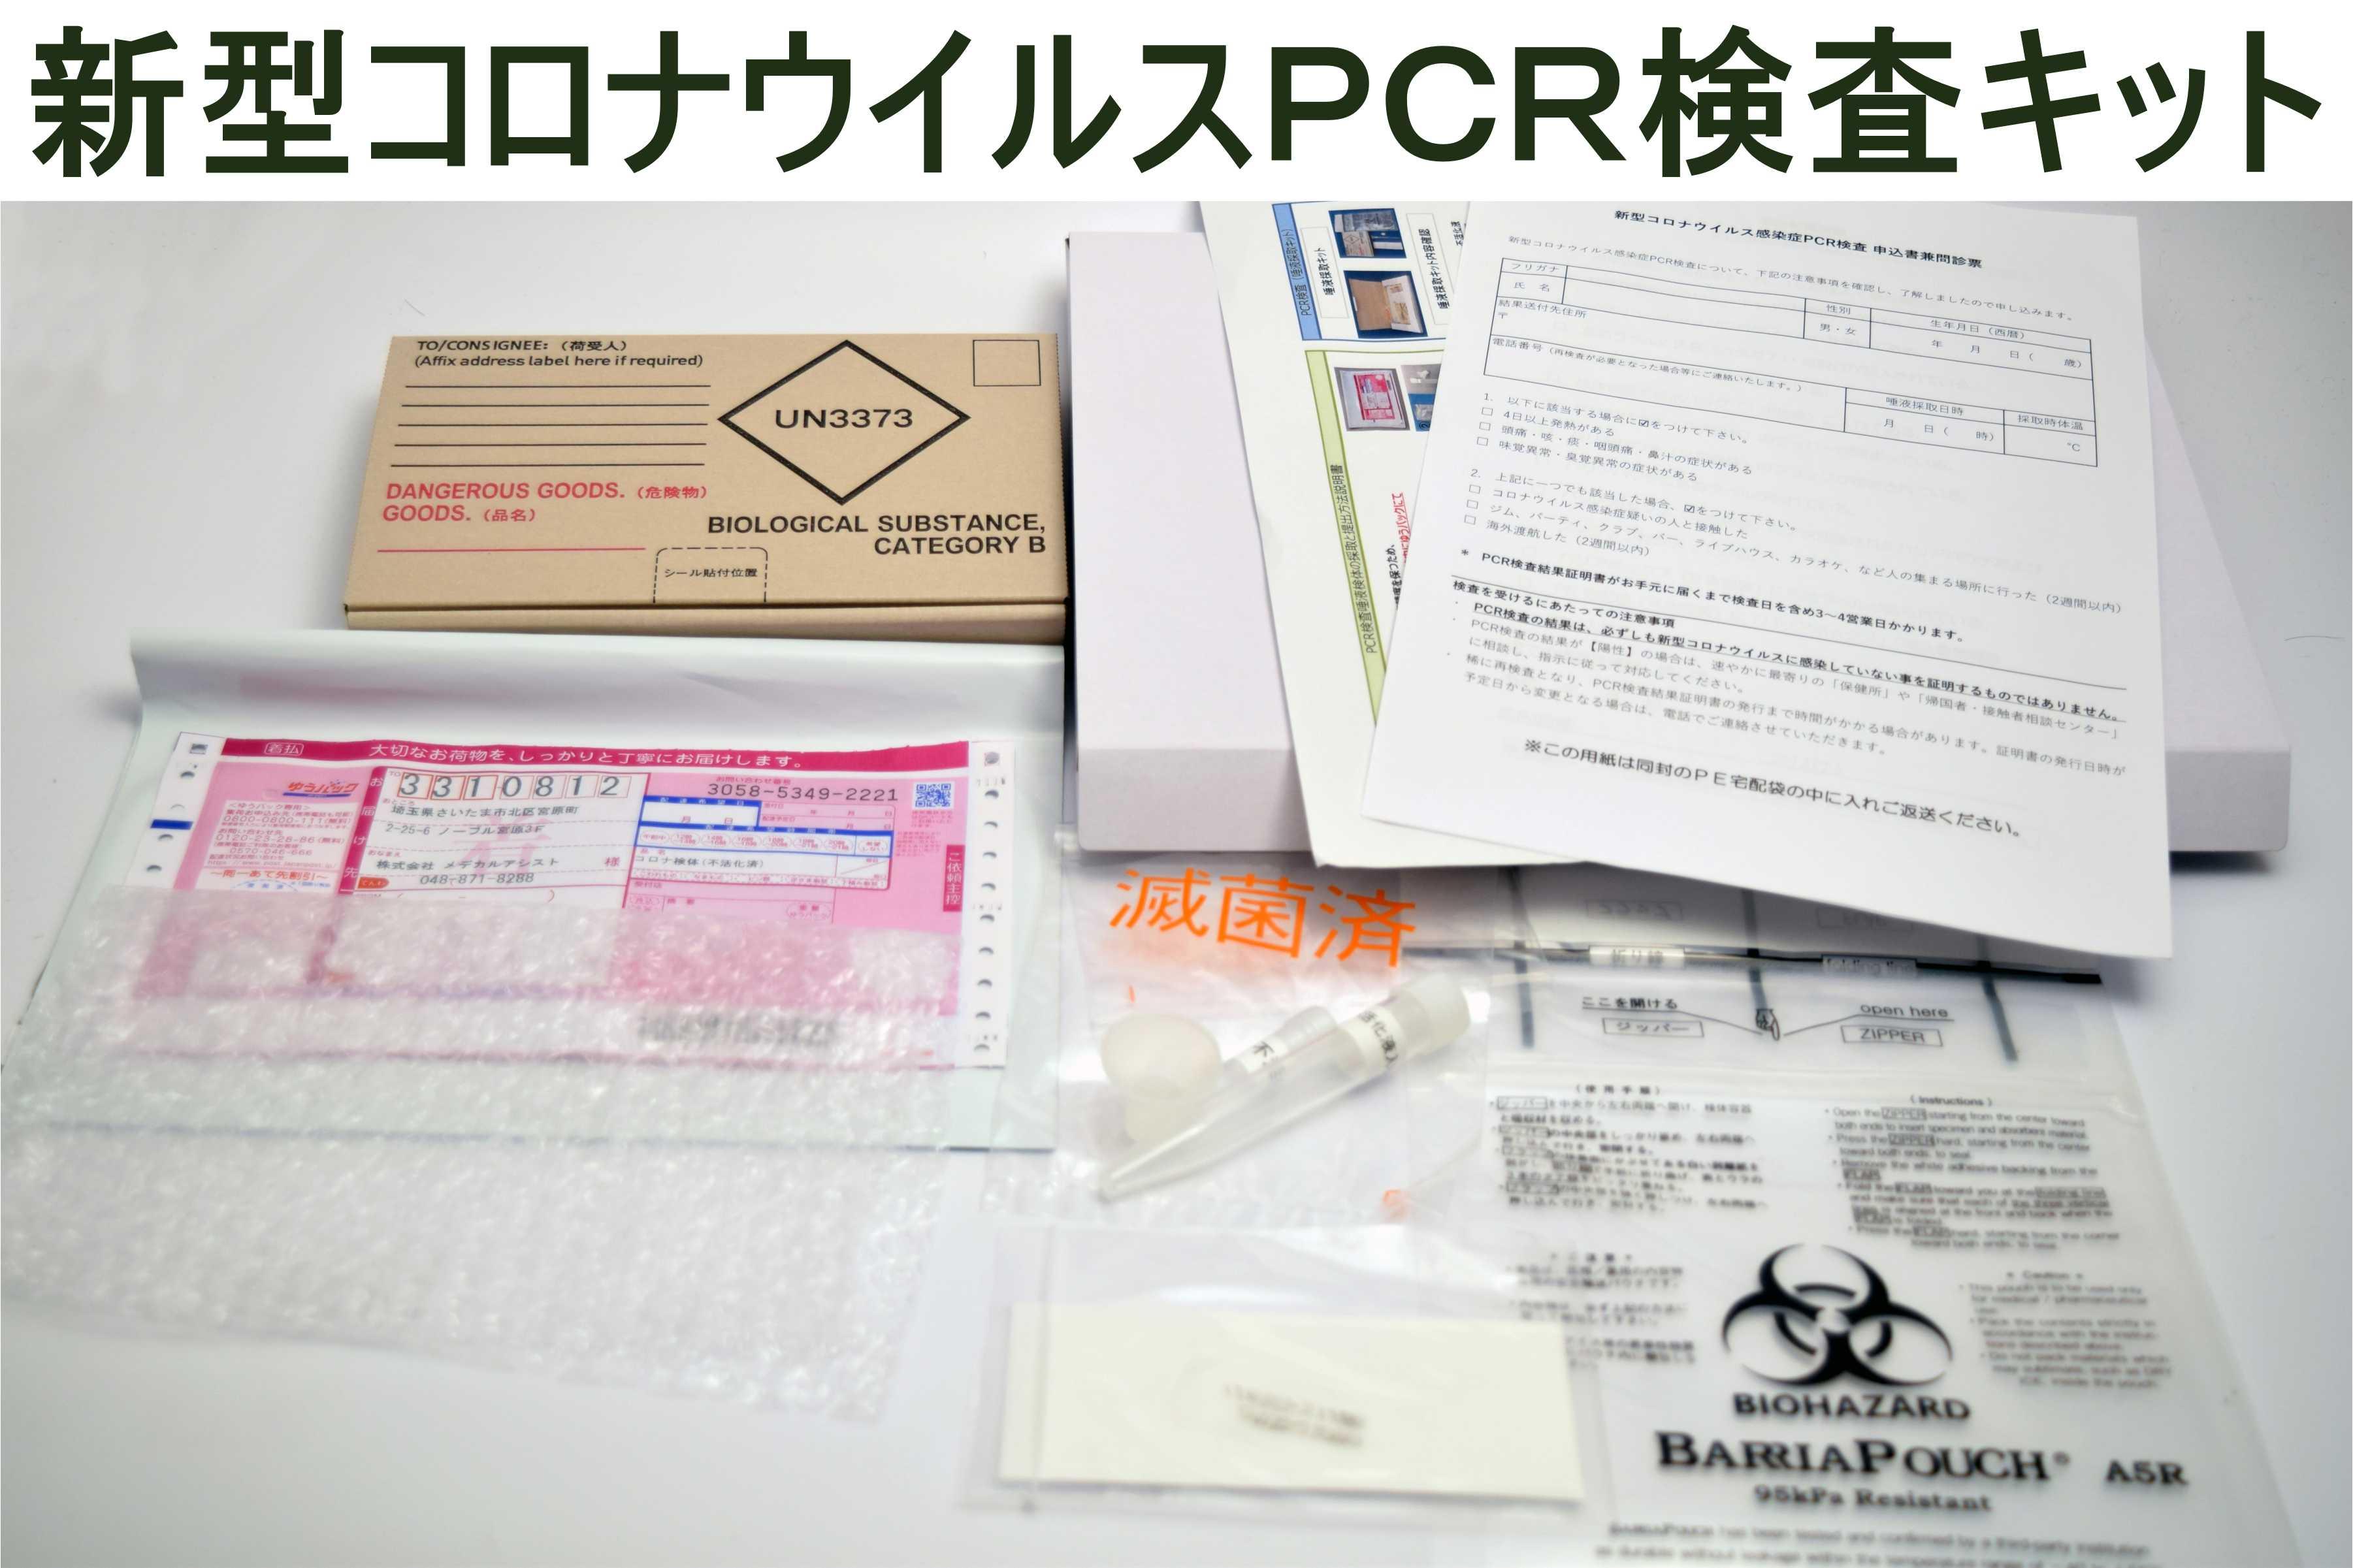 型コロナウイルスPCR検査キット